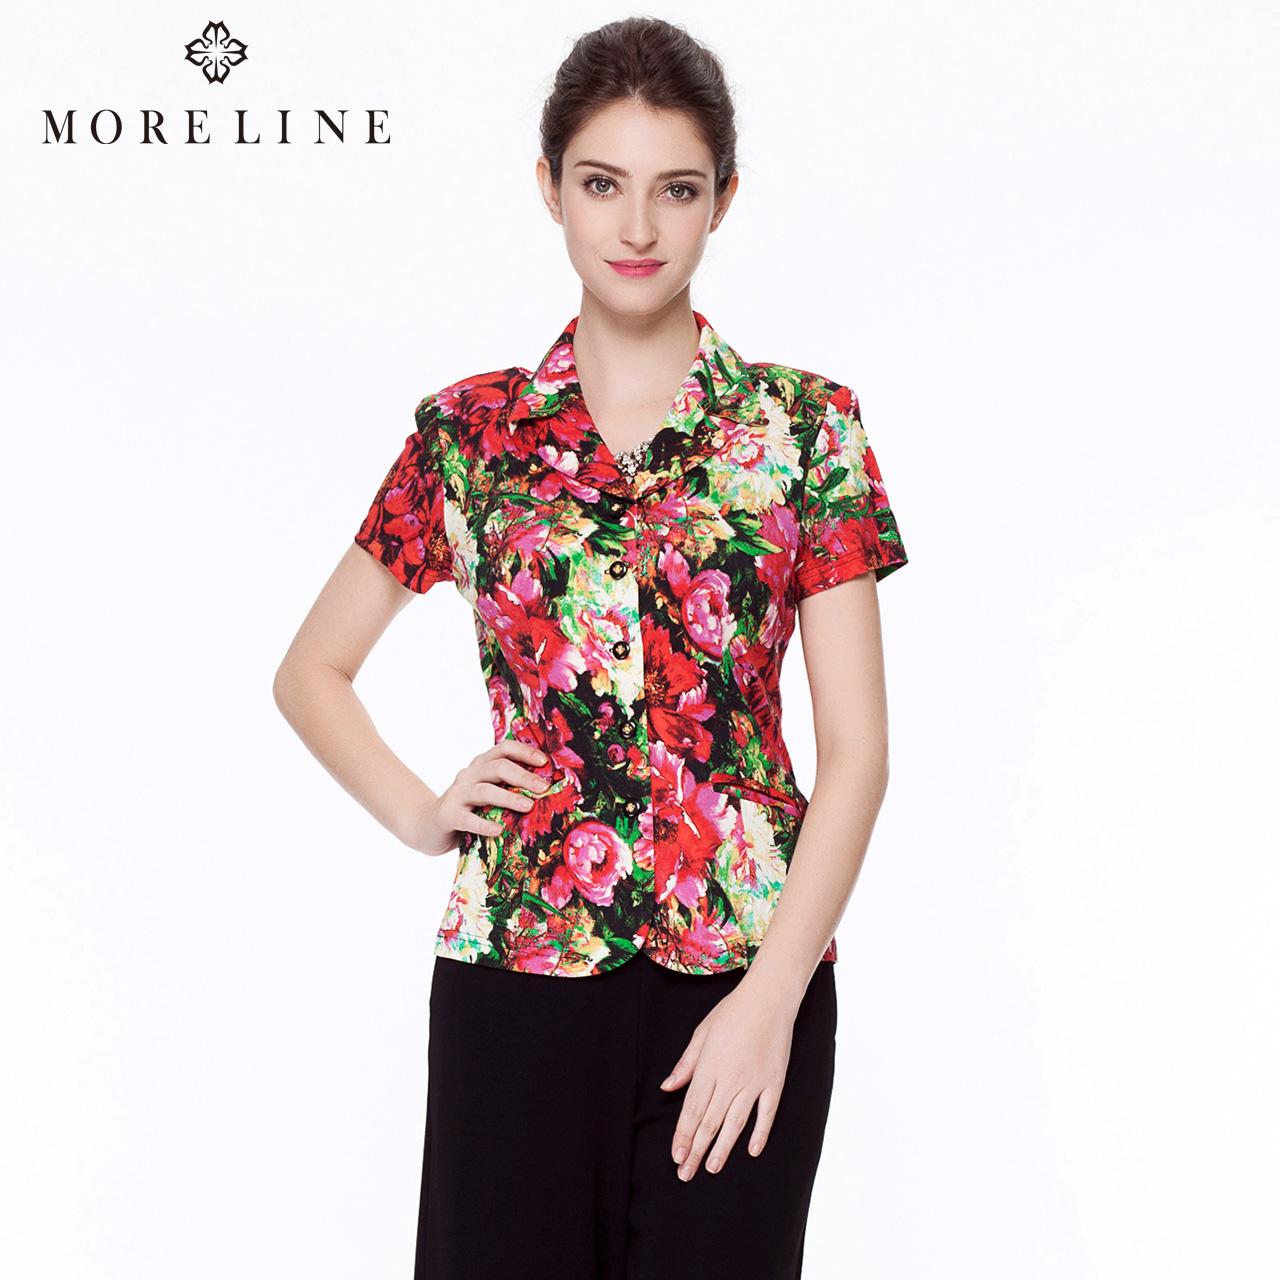 MORELINE沐兰夏季新款修身显瘦短袖上衣水彩印花衬衫女7231512